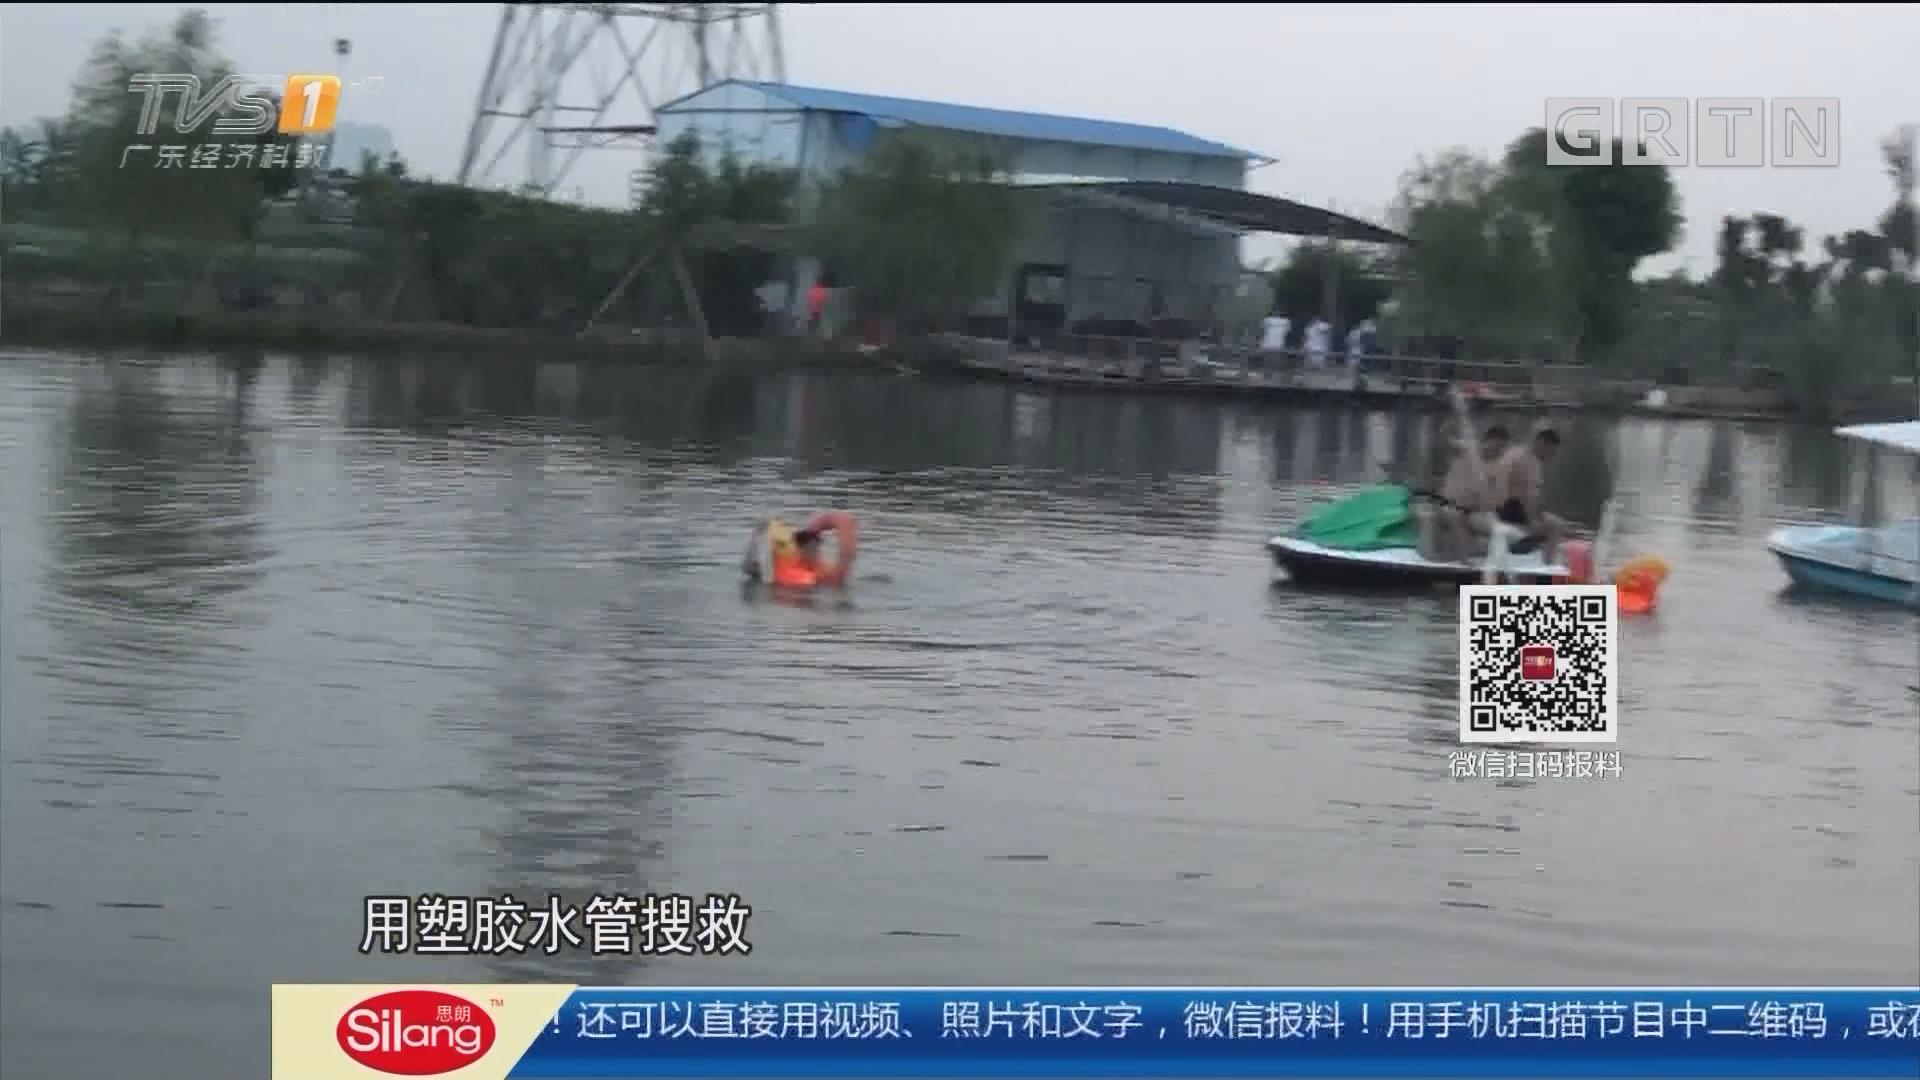 中山三角:鱼塘骑摩托艇溺水 公安消防紧急搜救